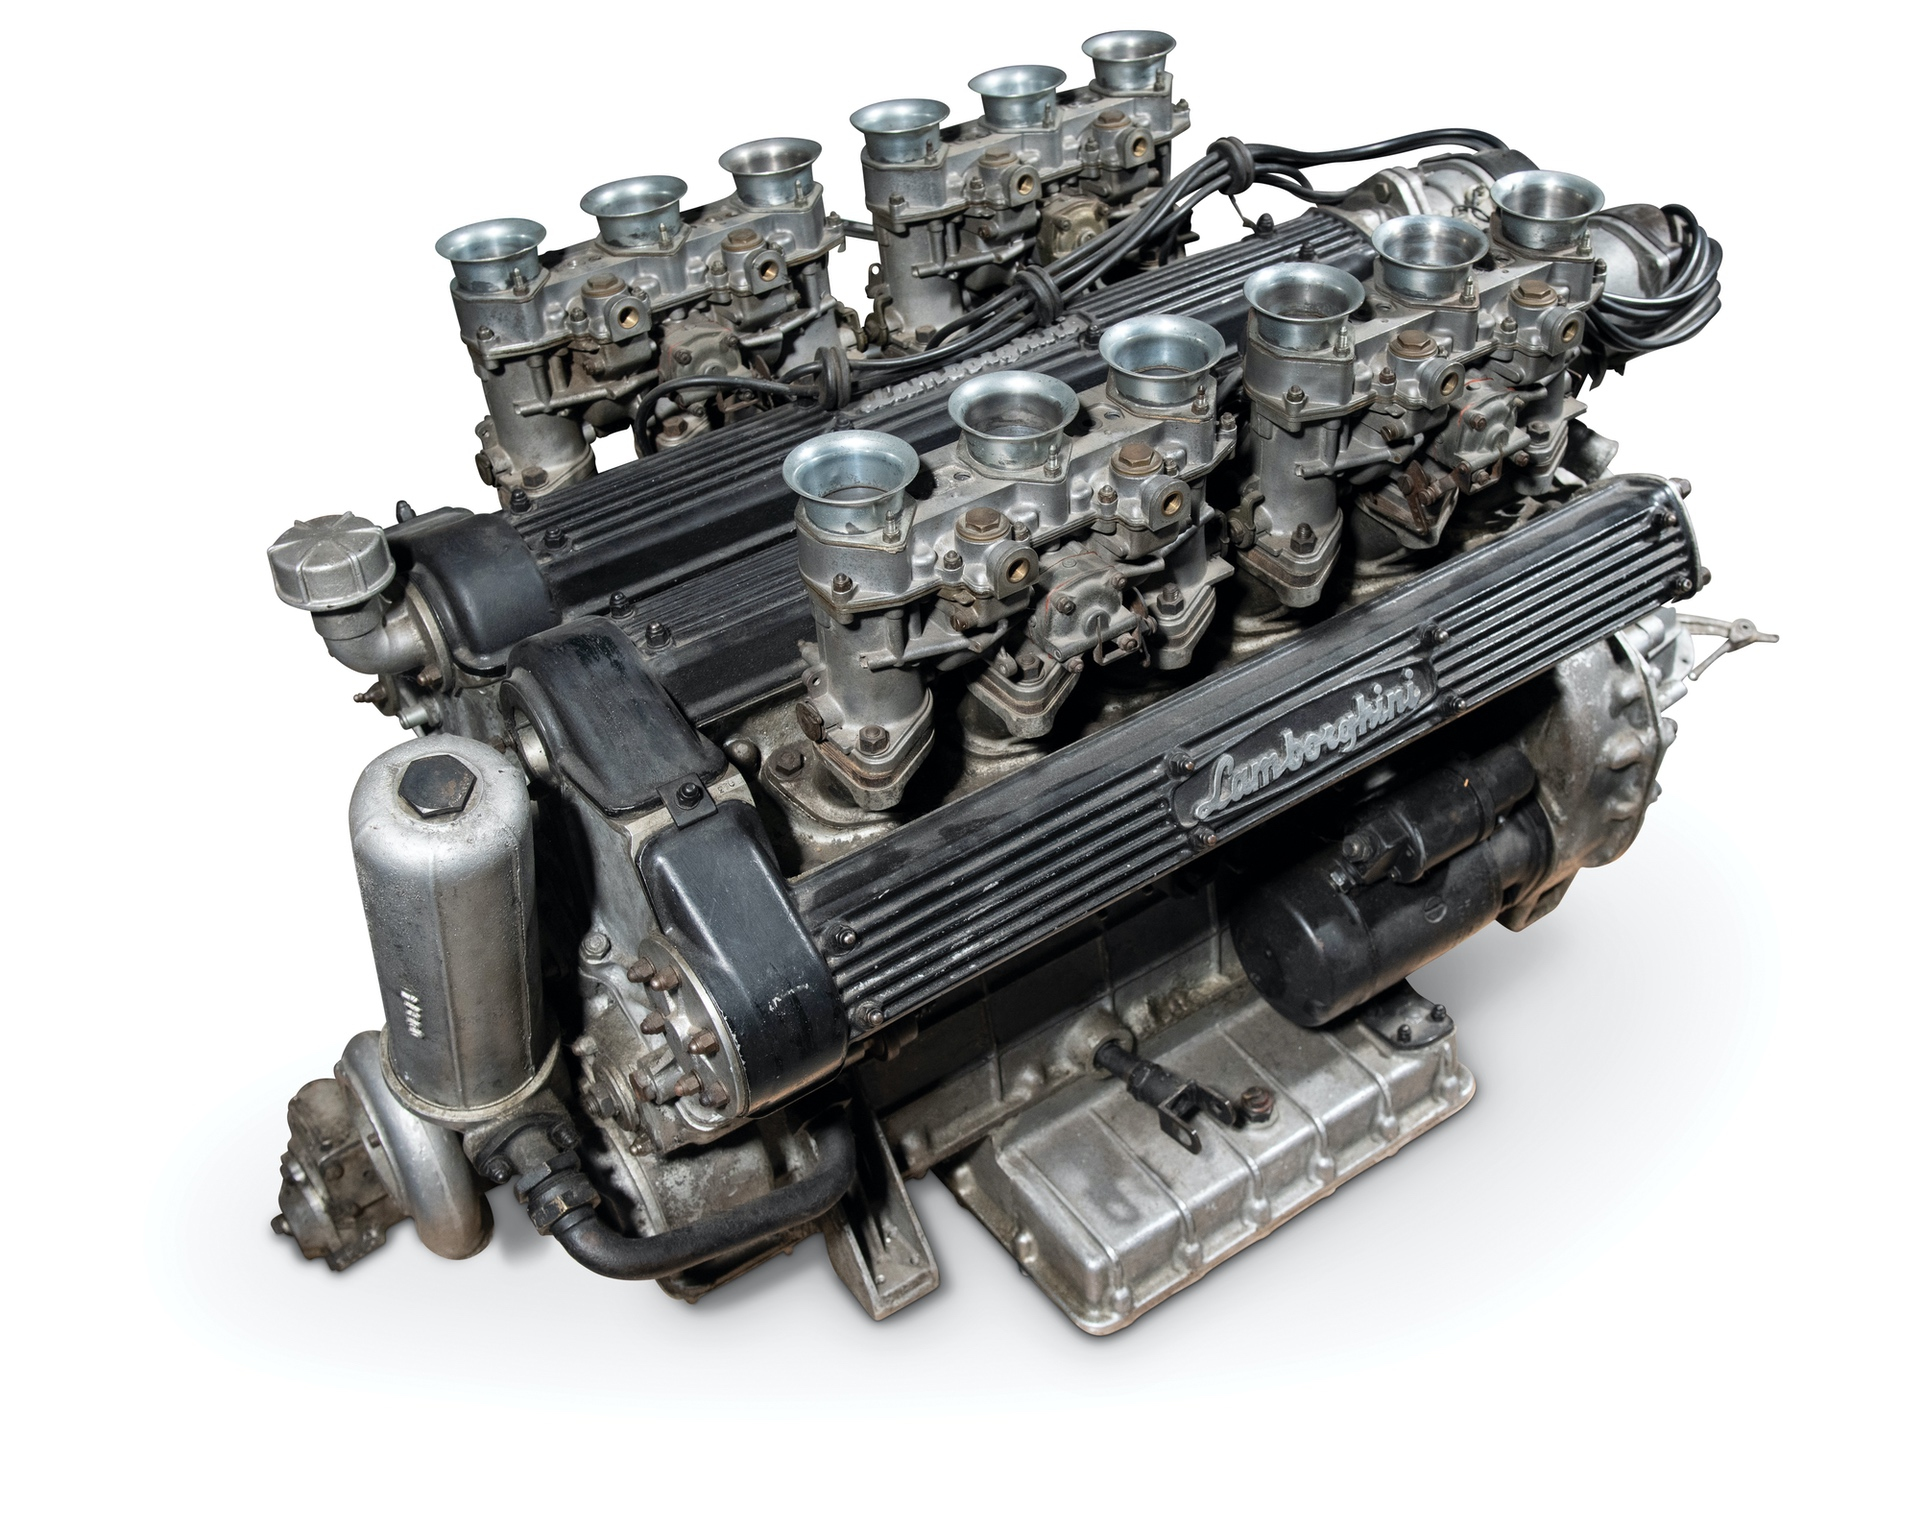 Lamborghini-Miura-P400-Engine-1967_1